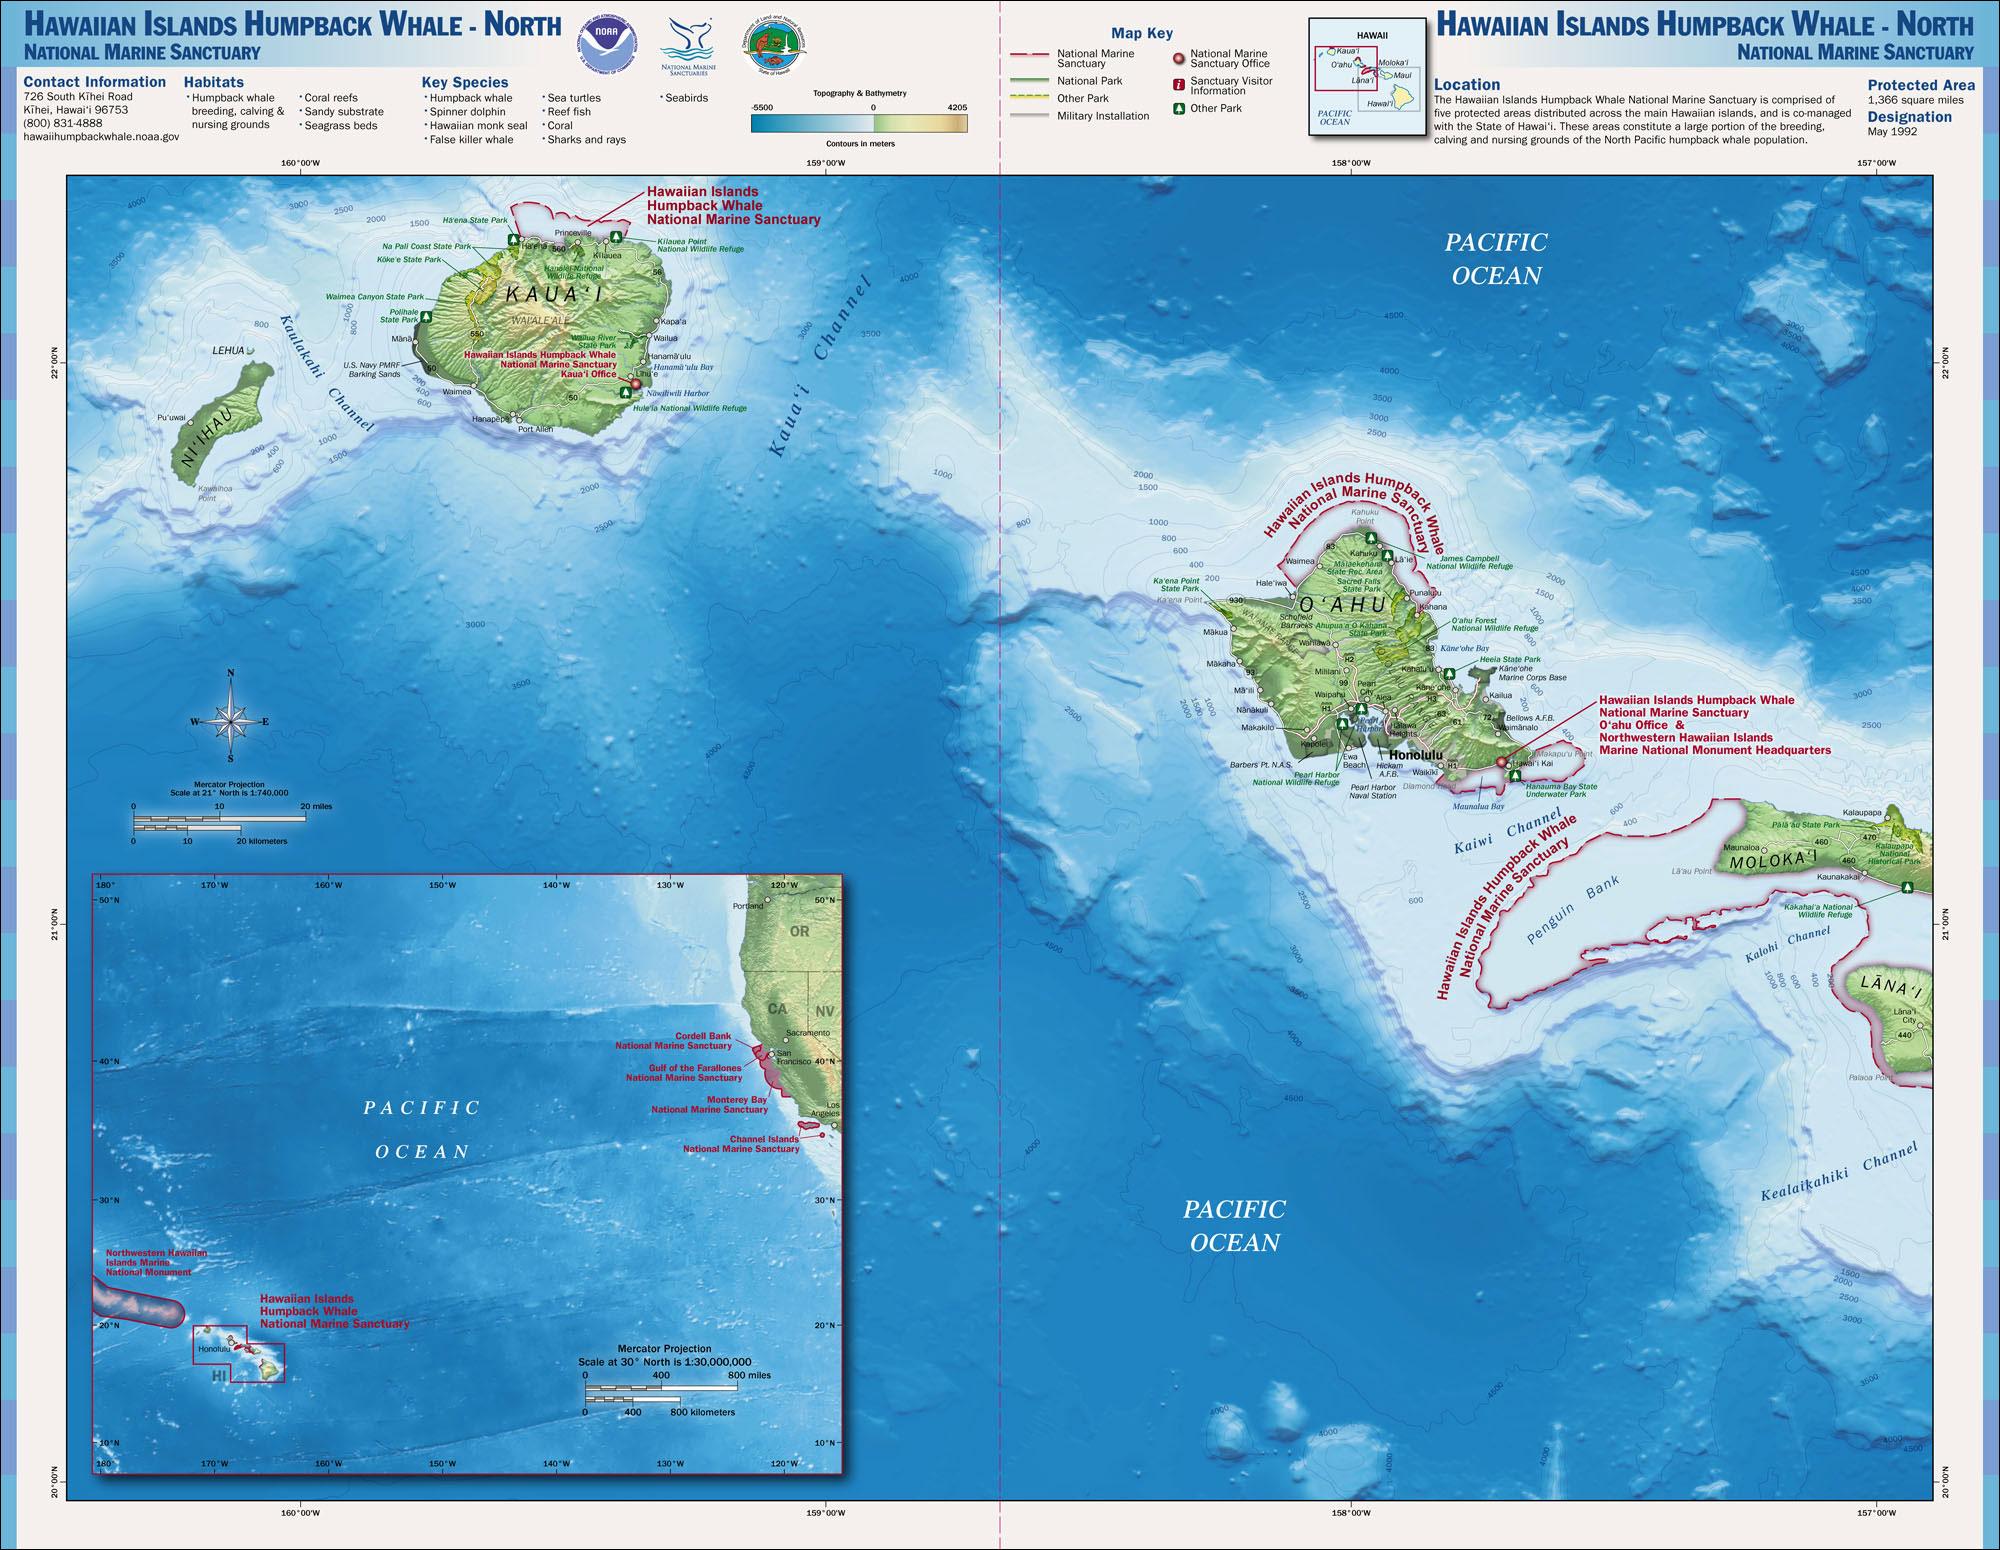 Worksheet. Pacific Islands Region  National Marine Sanctuaries